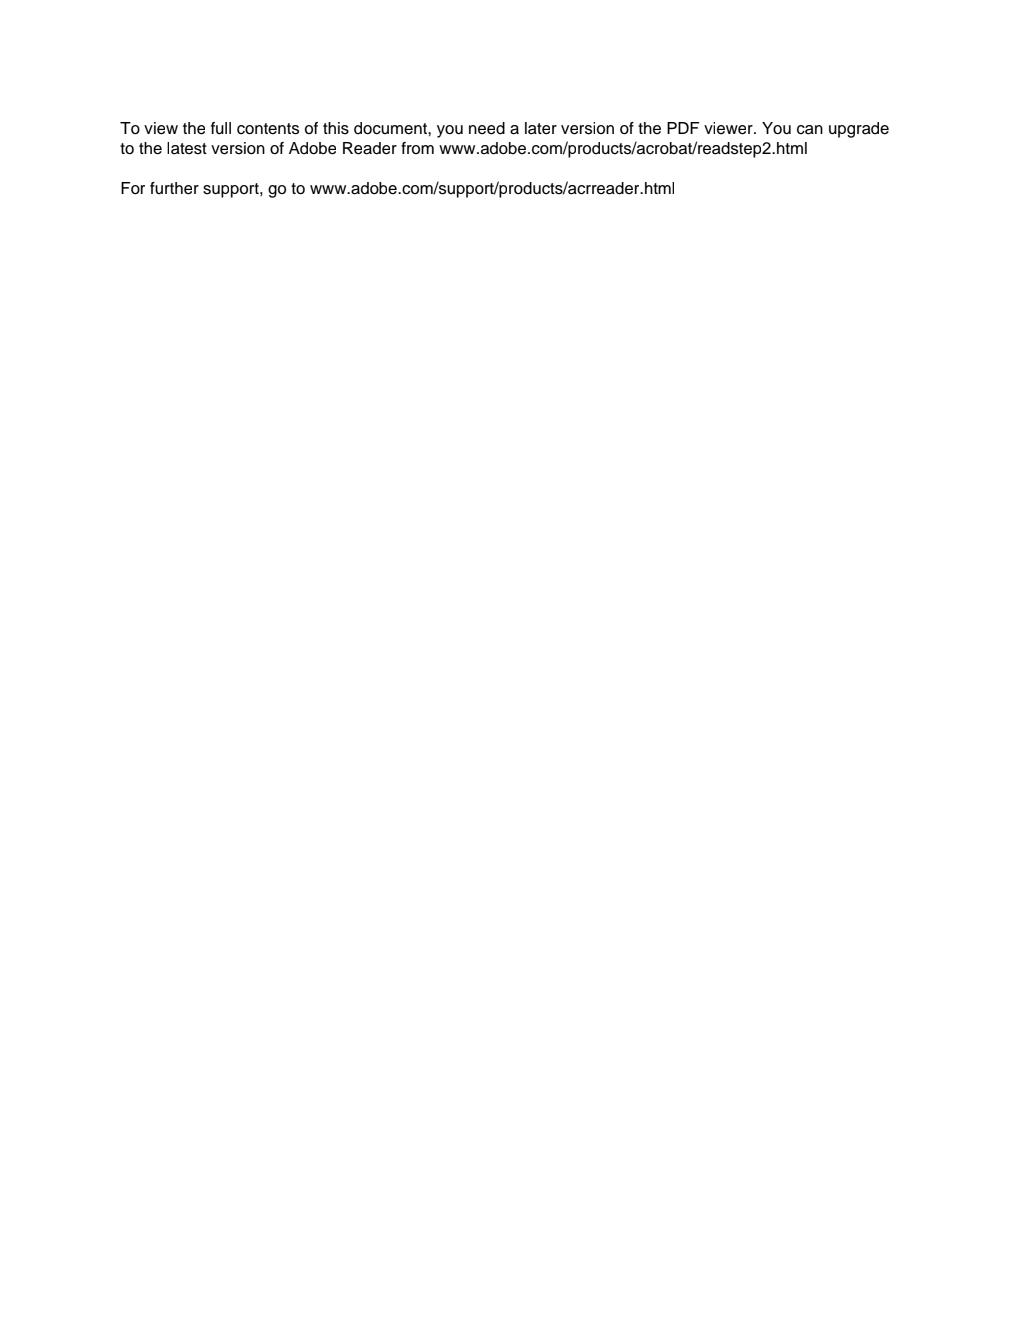 Formulaire_12818*02 : Validation des acquis de l'expérience (VAE) - Demande de recevabilité